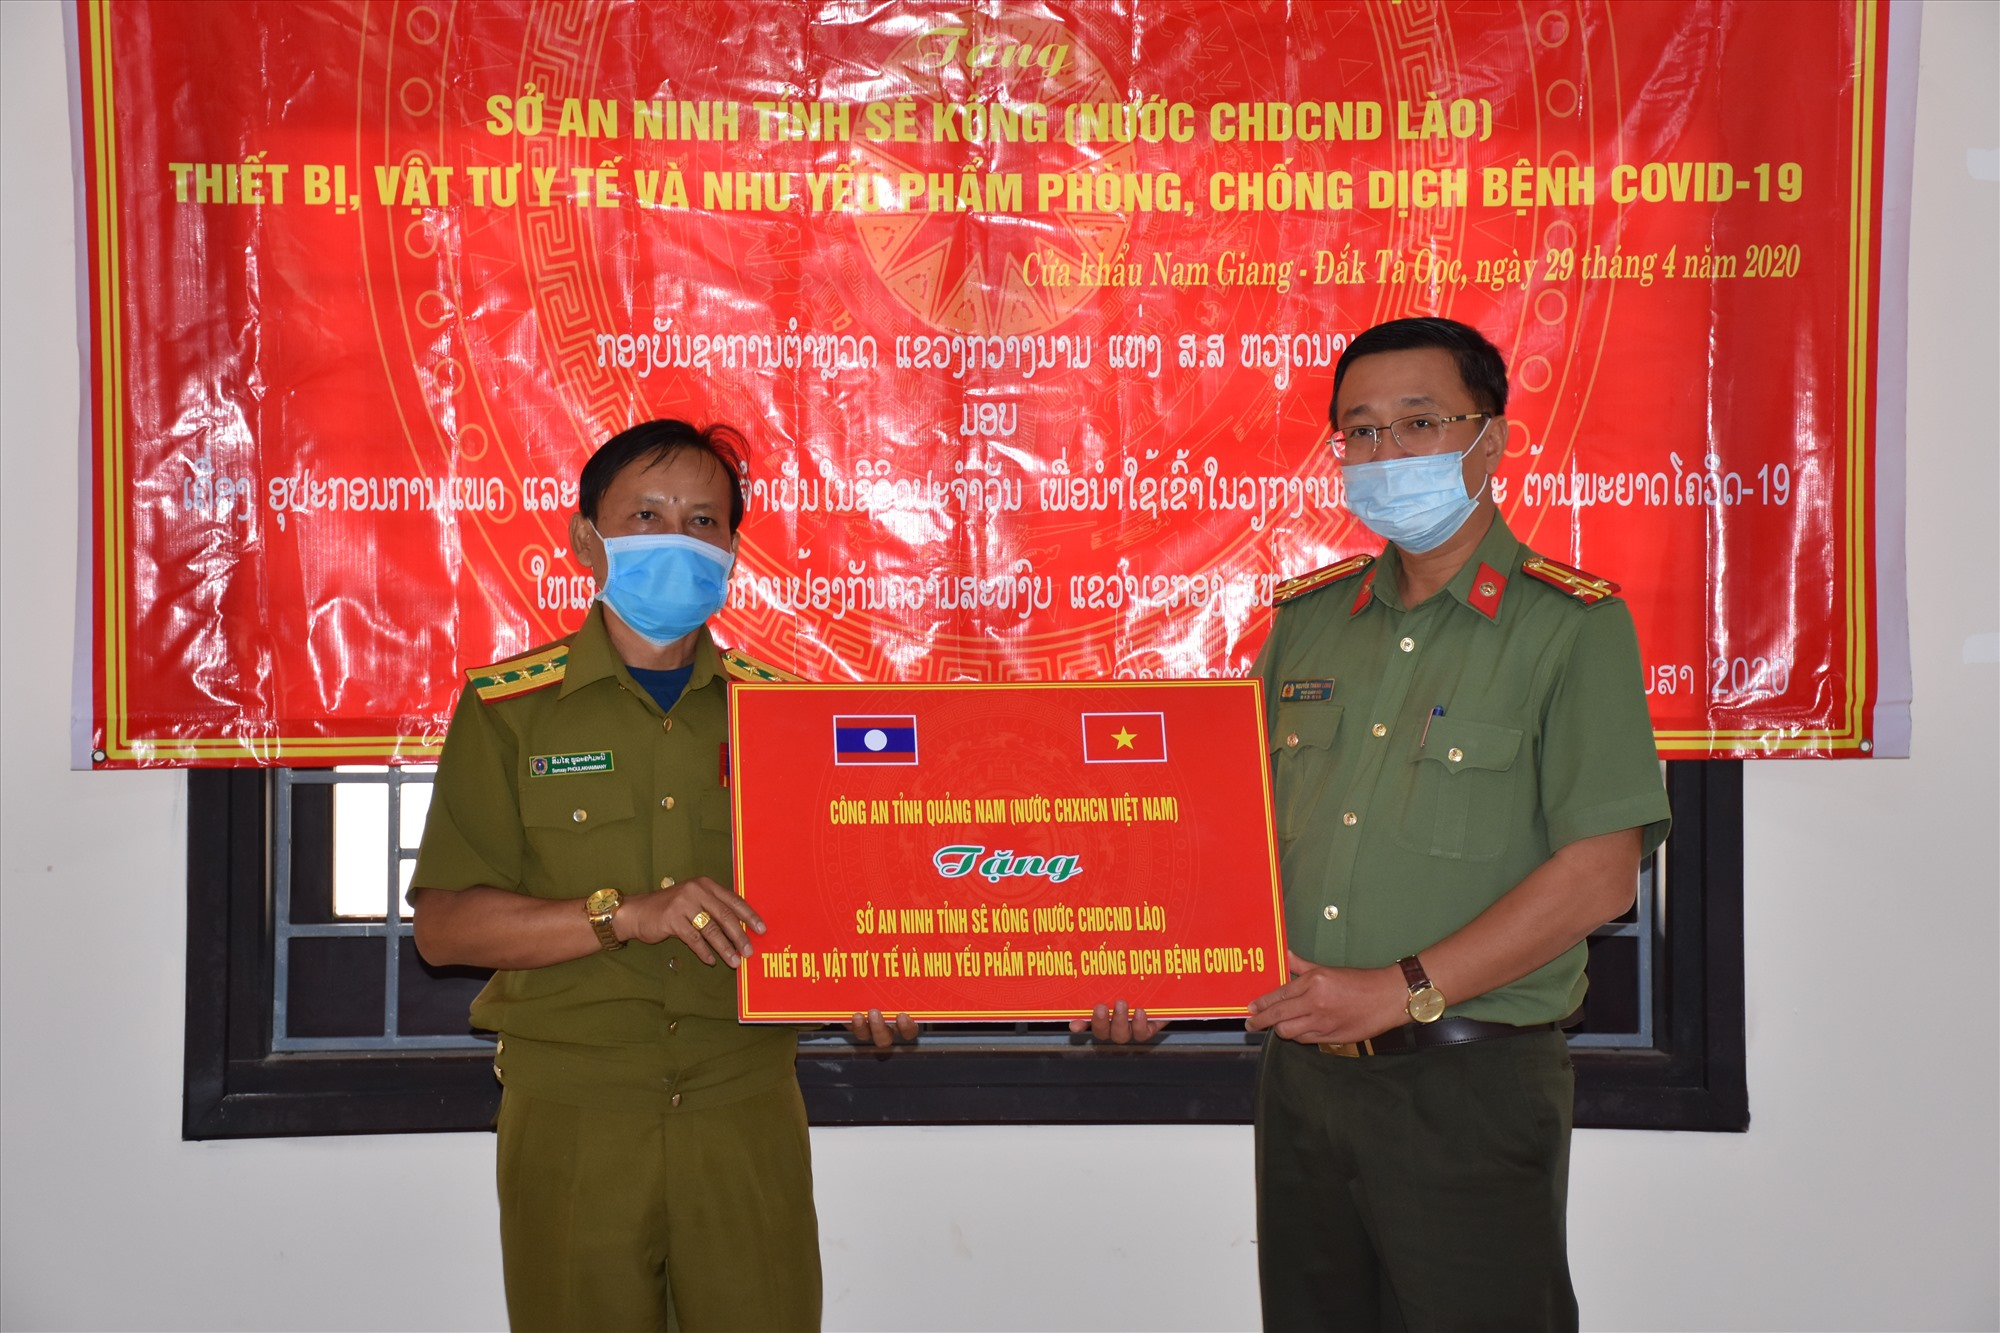 Thượng tá Nguyễn Thành Long. Phó giám đốc Công an tỉnh Quảng Nam tặng quà cho Sở An ninh tỉnh Sê Kông